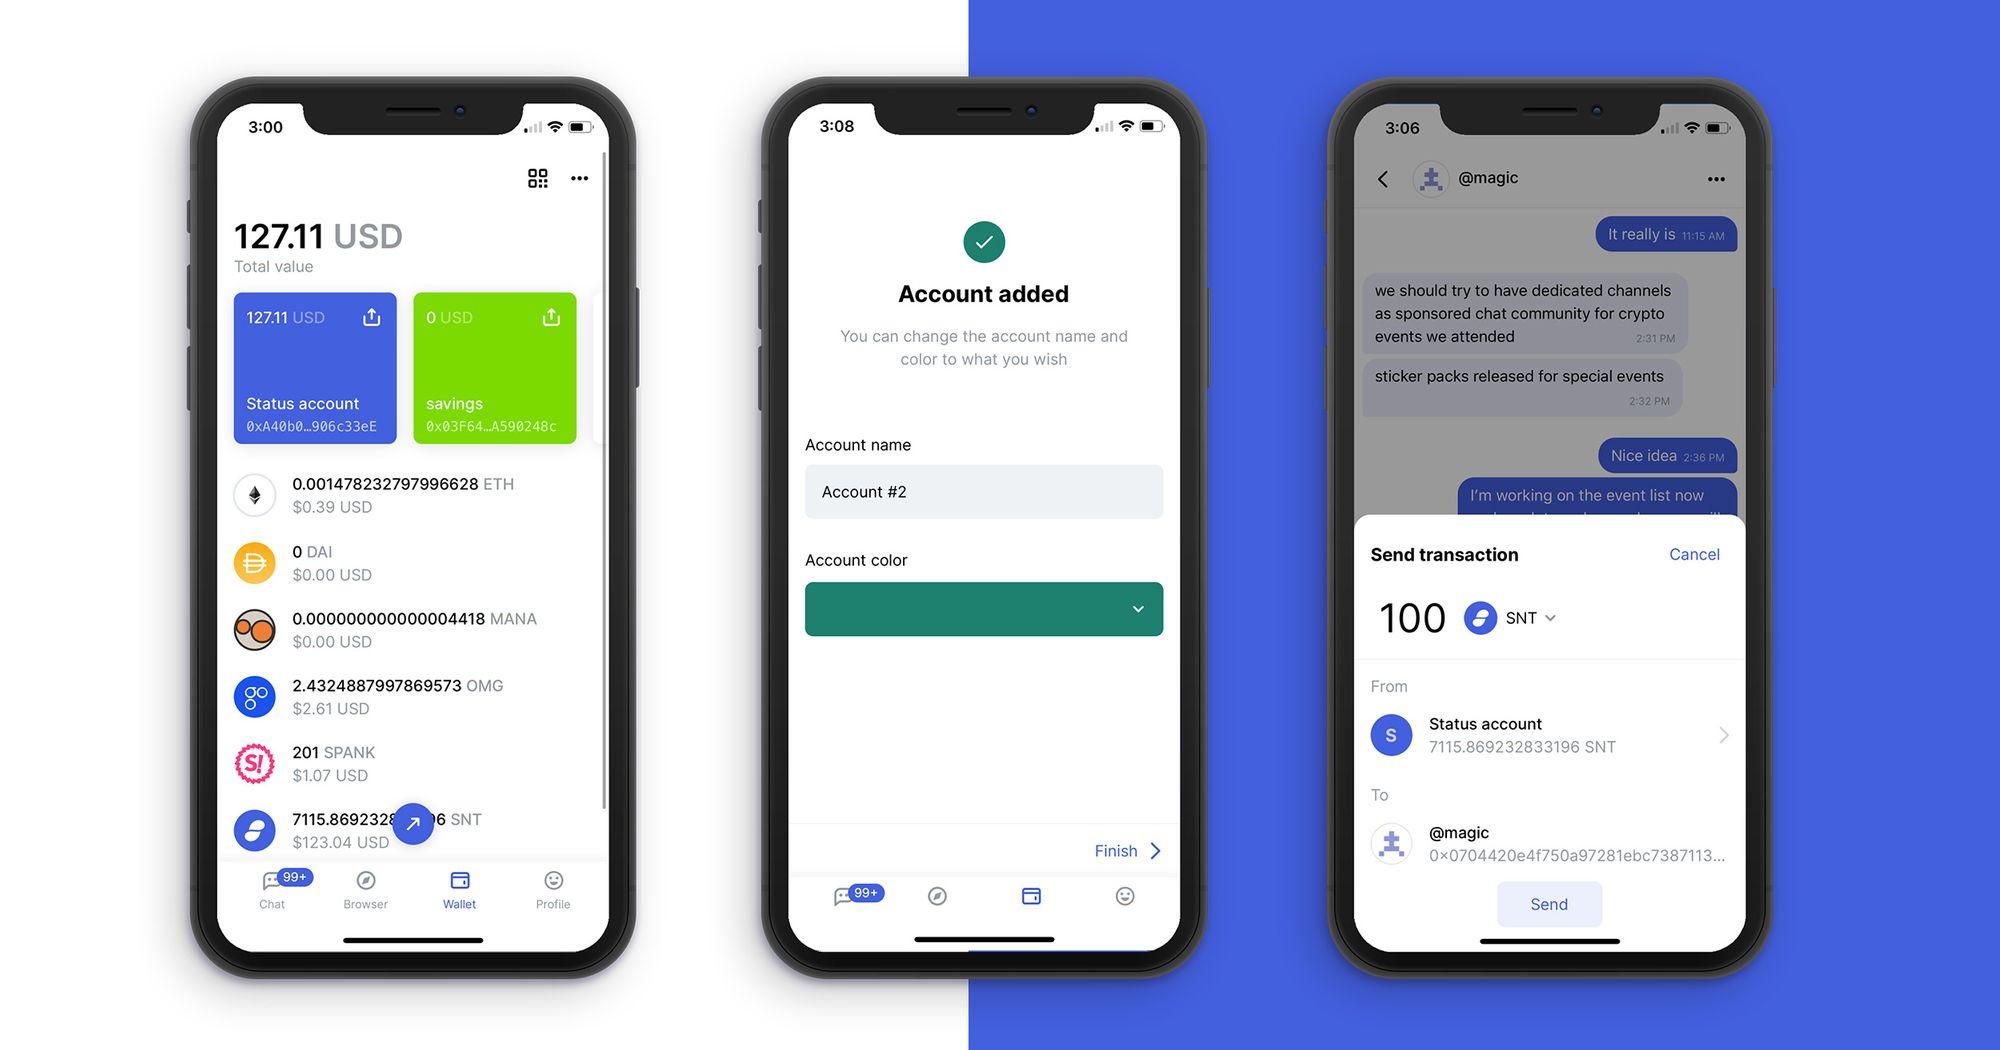 Además, para mejorar la seguridad ofrece su KeyCard: una tarjeta contactless que se apoya en el celular como forma de logueo y para firmar las transacciones.